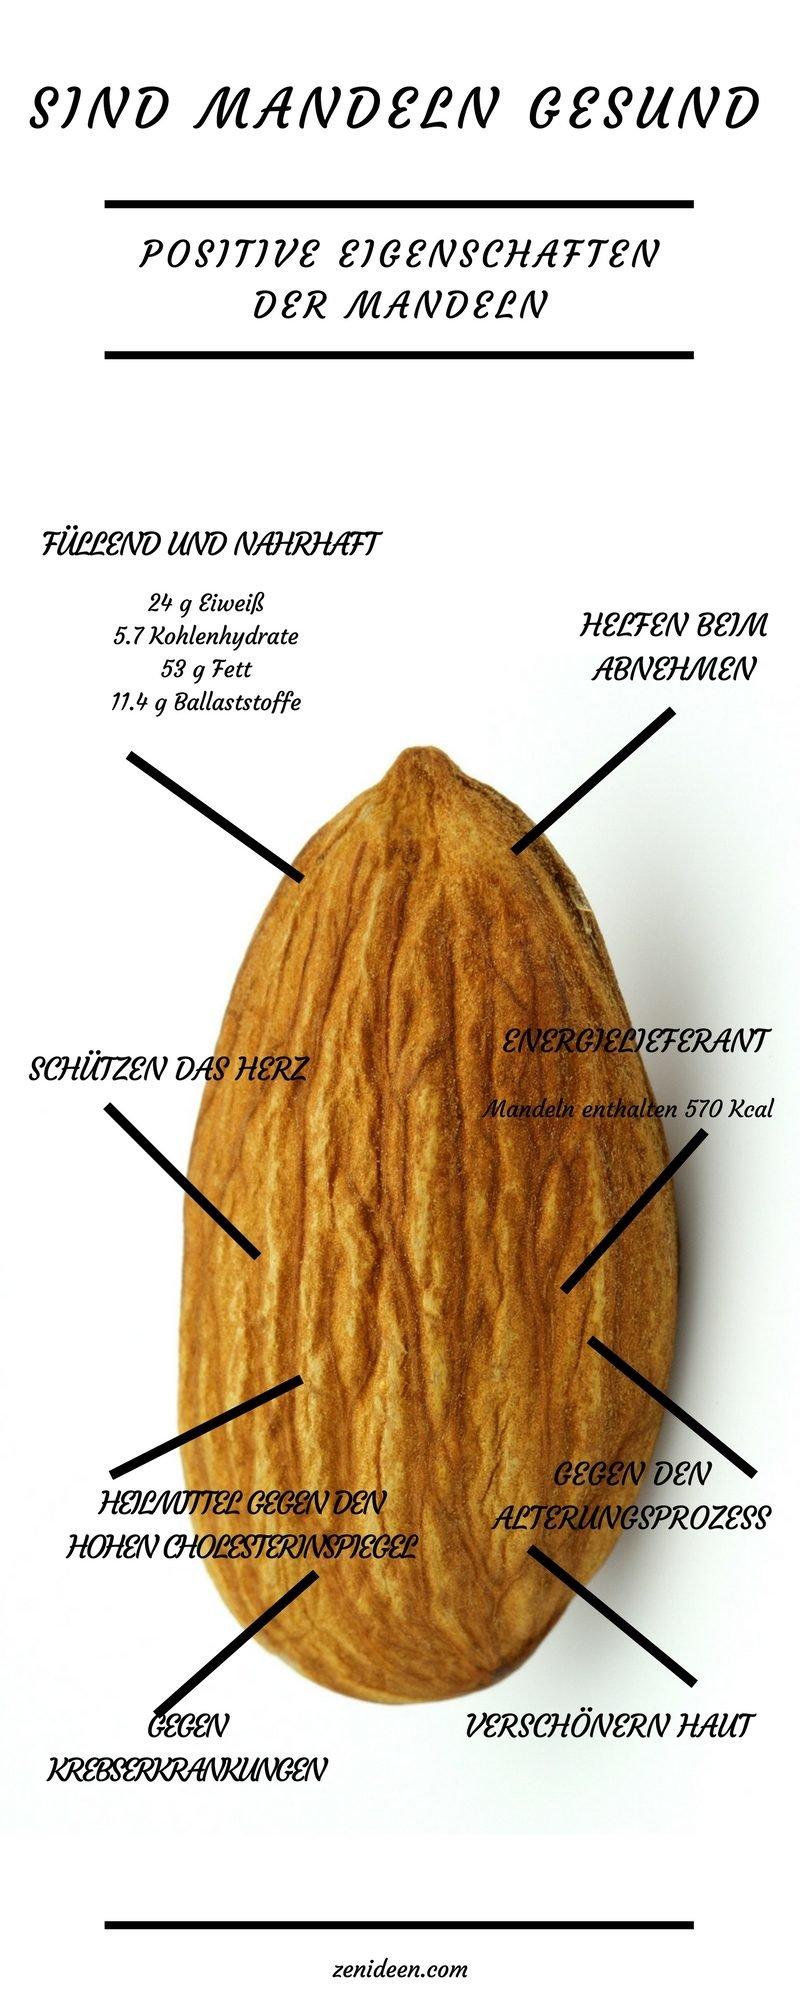 mandeln gesund mandeln nährwerte mandeln inhaltsstoffe